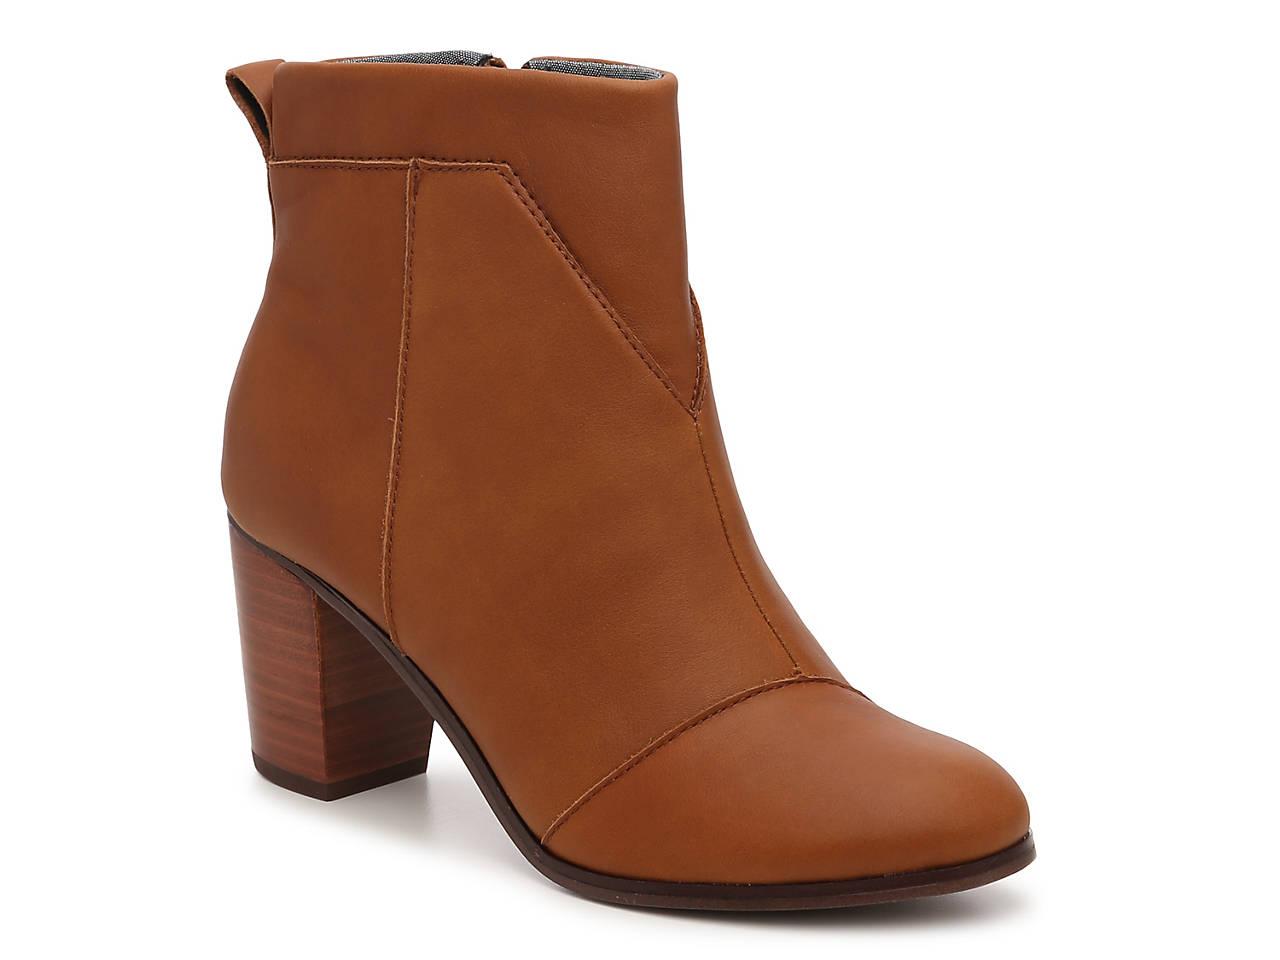 582fce6e27d TOMS Lunata Bootie Women s Shoes